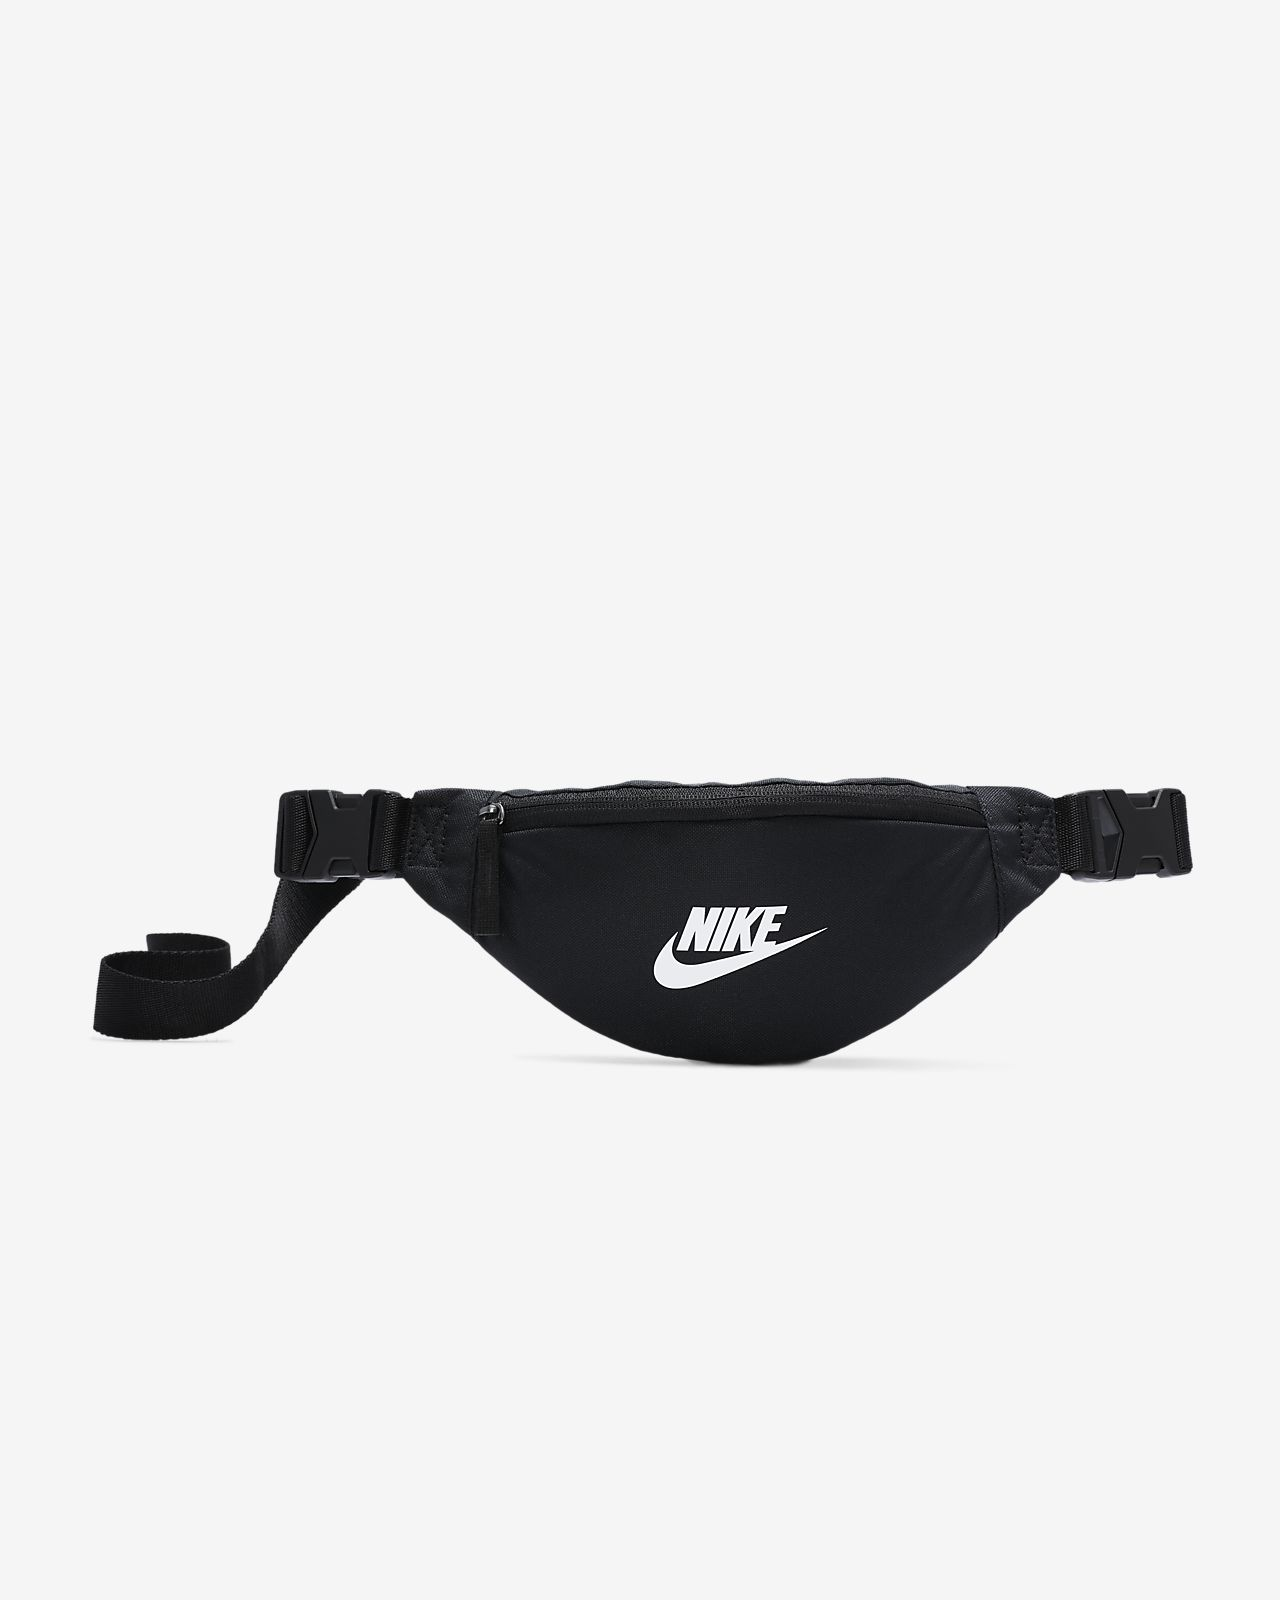 Sac banane Nike Heritage (petite taille)